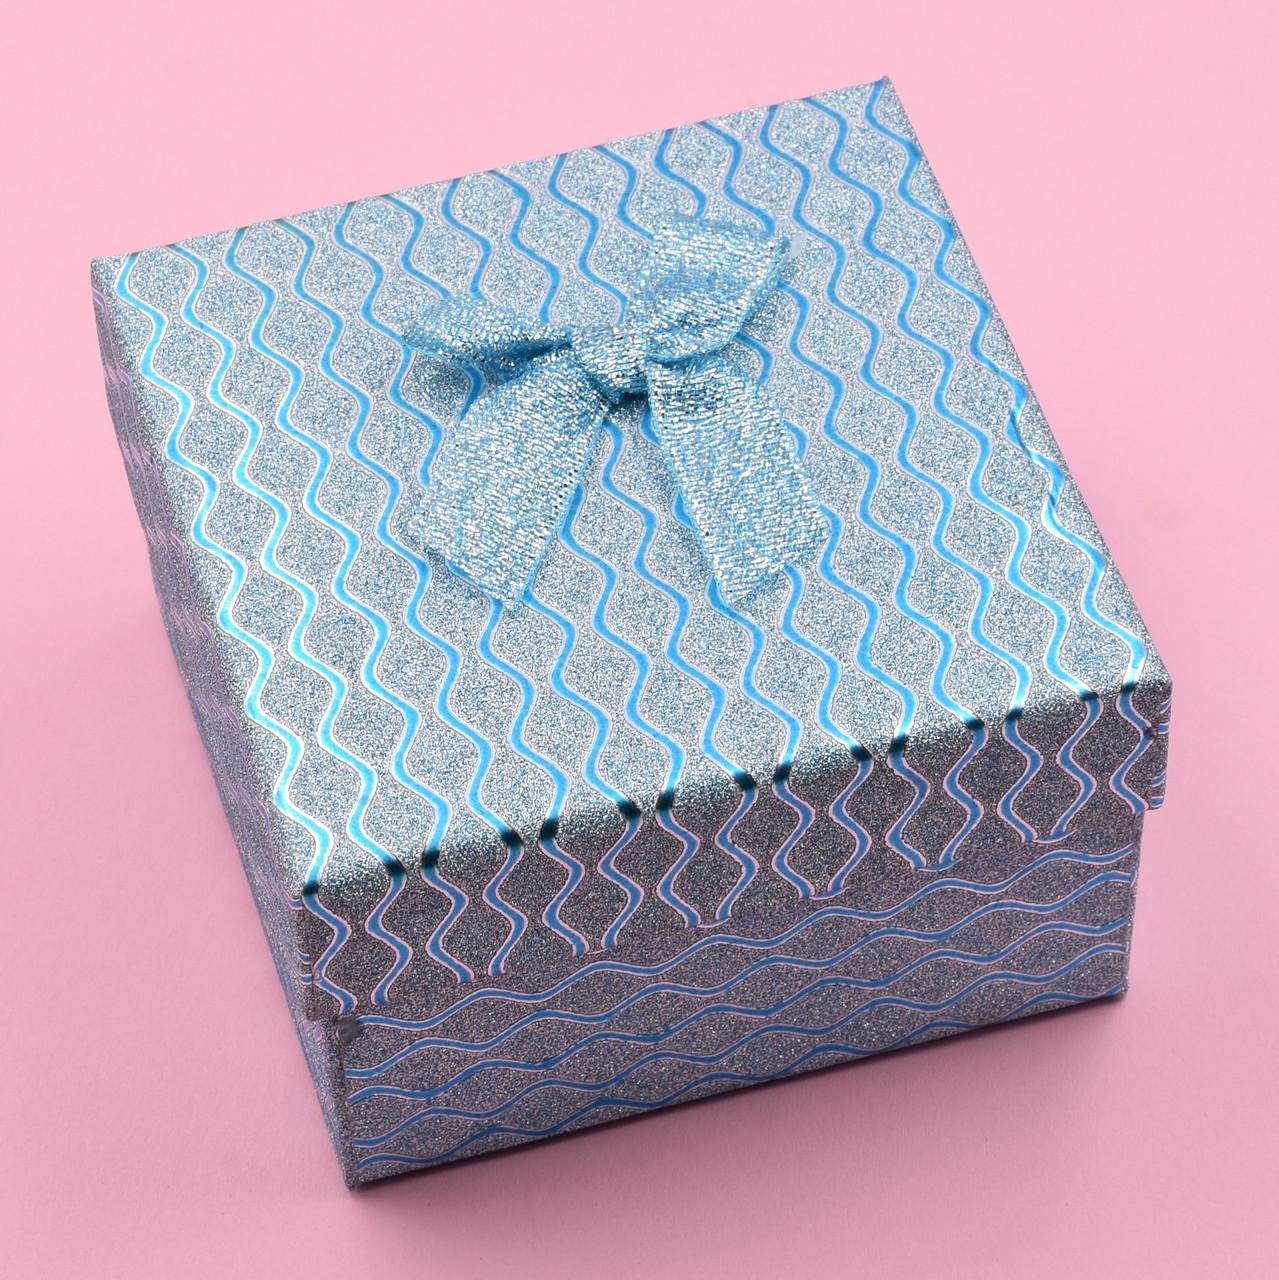 Коробочка бирюзовая для кольца серег 741185 размер 9х9 см